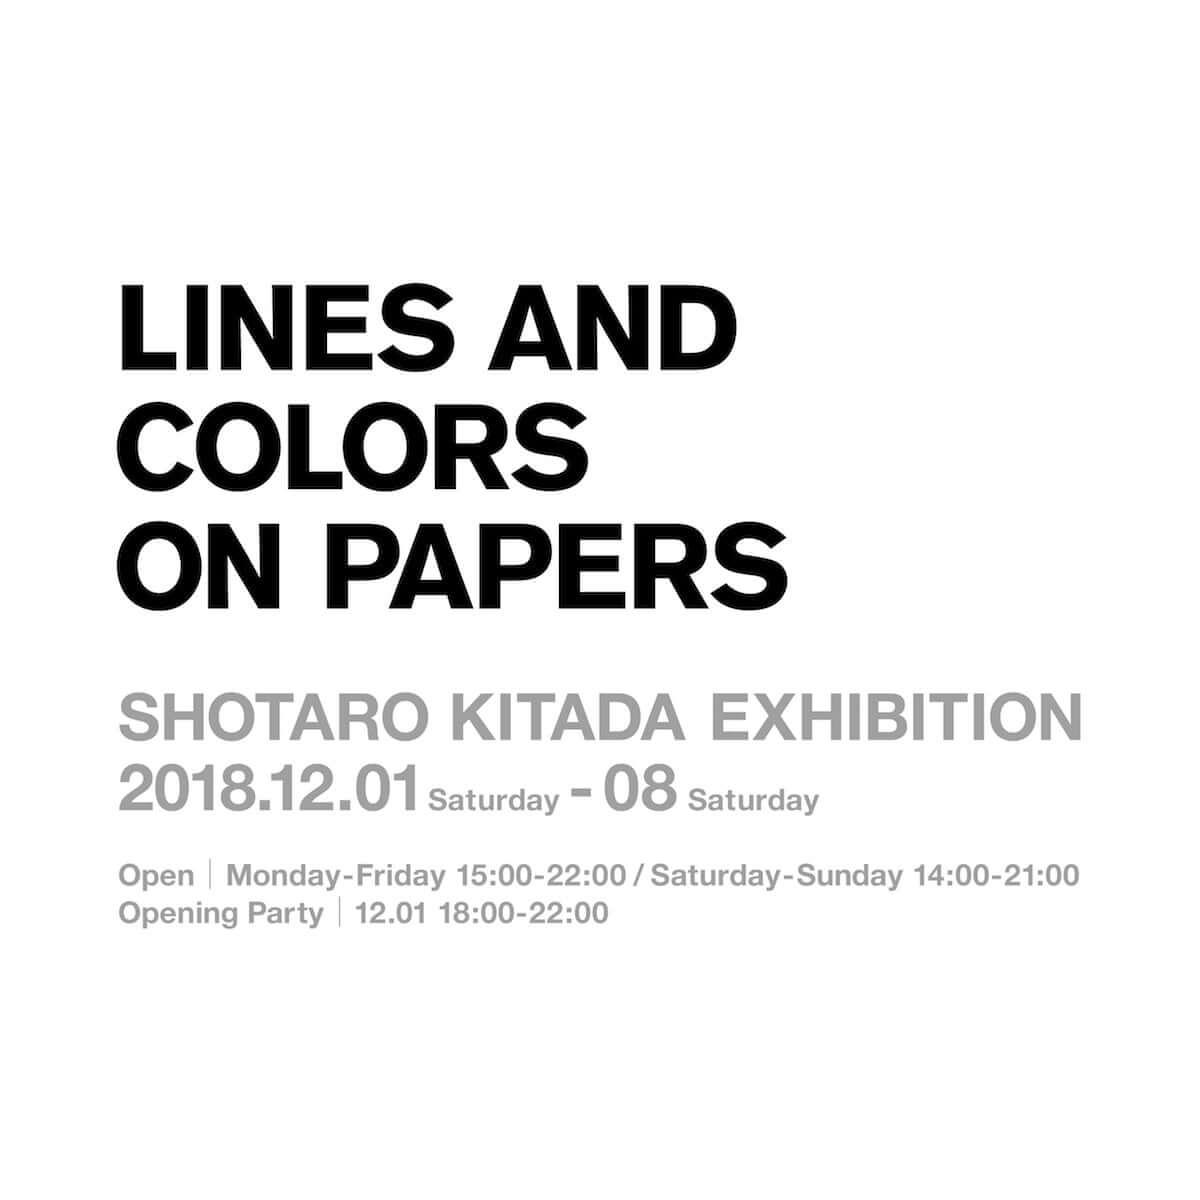 注目のイラストレーター・北田正太郎による個展が12月にANAGRAにて開催 art-culture181115-anagra-kitadashotaro-lines-and-colors-on-papers-2-1200x1200